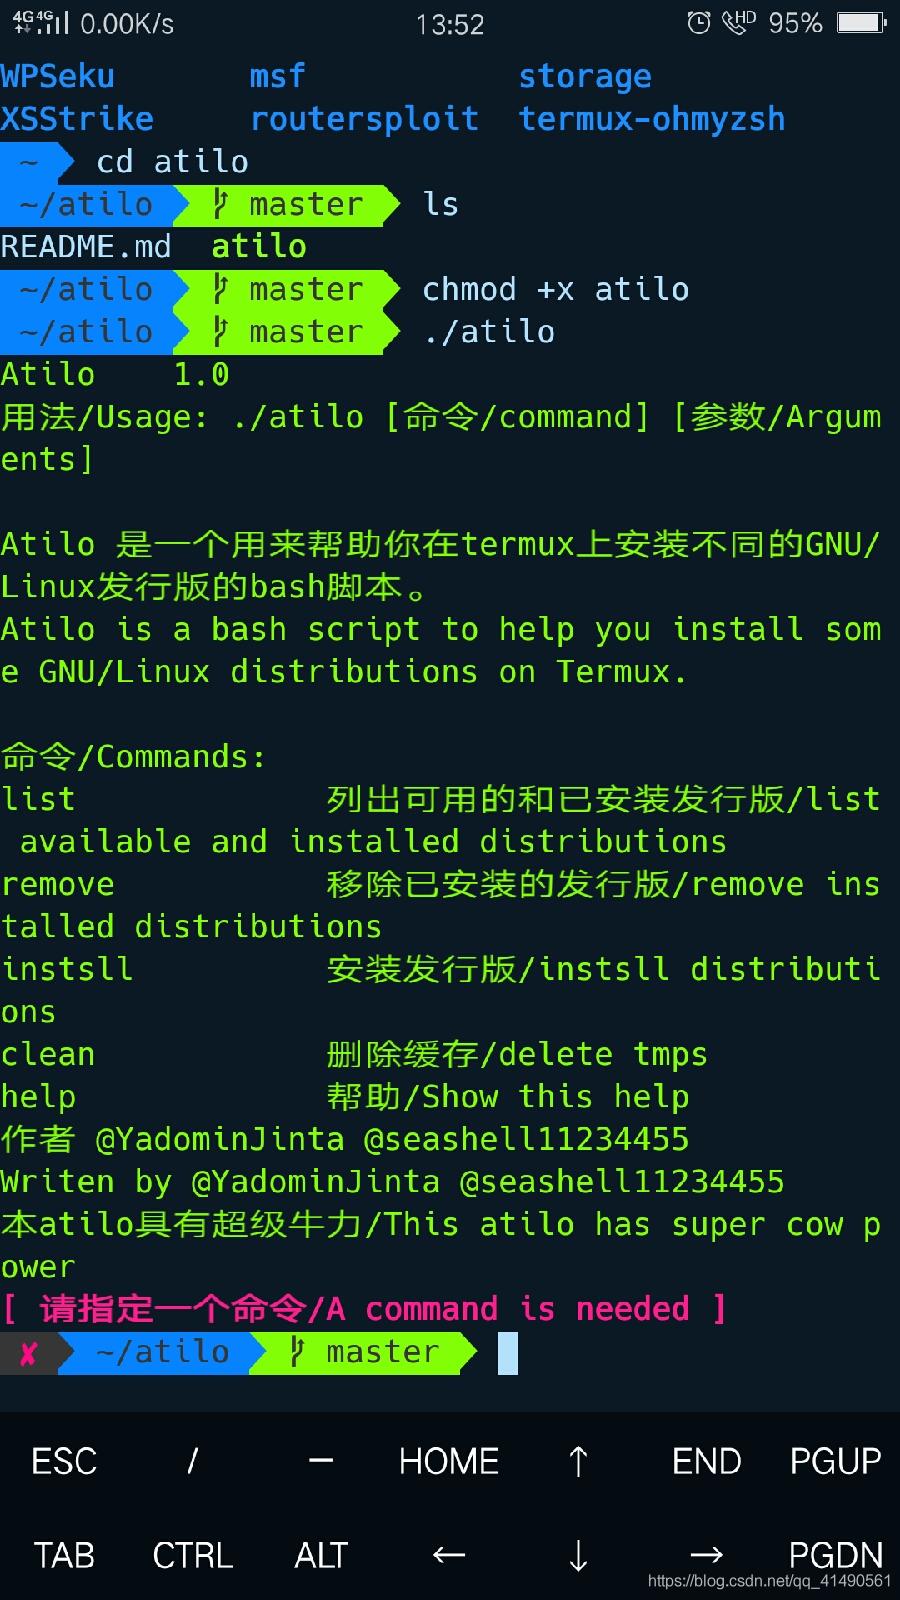 termux安装kali - qq_41490561的博客- CSDN博客